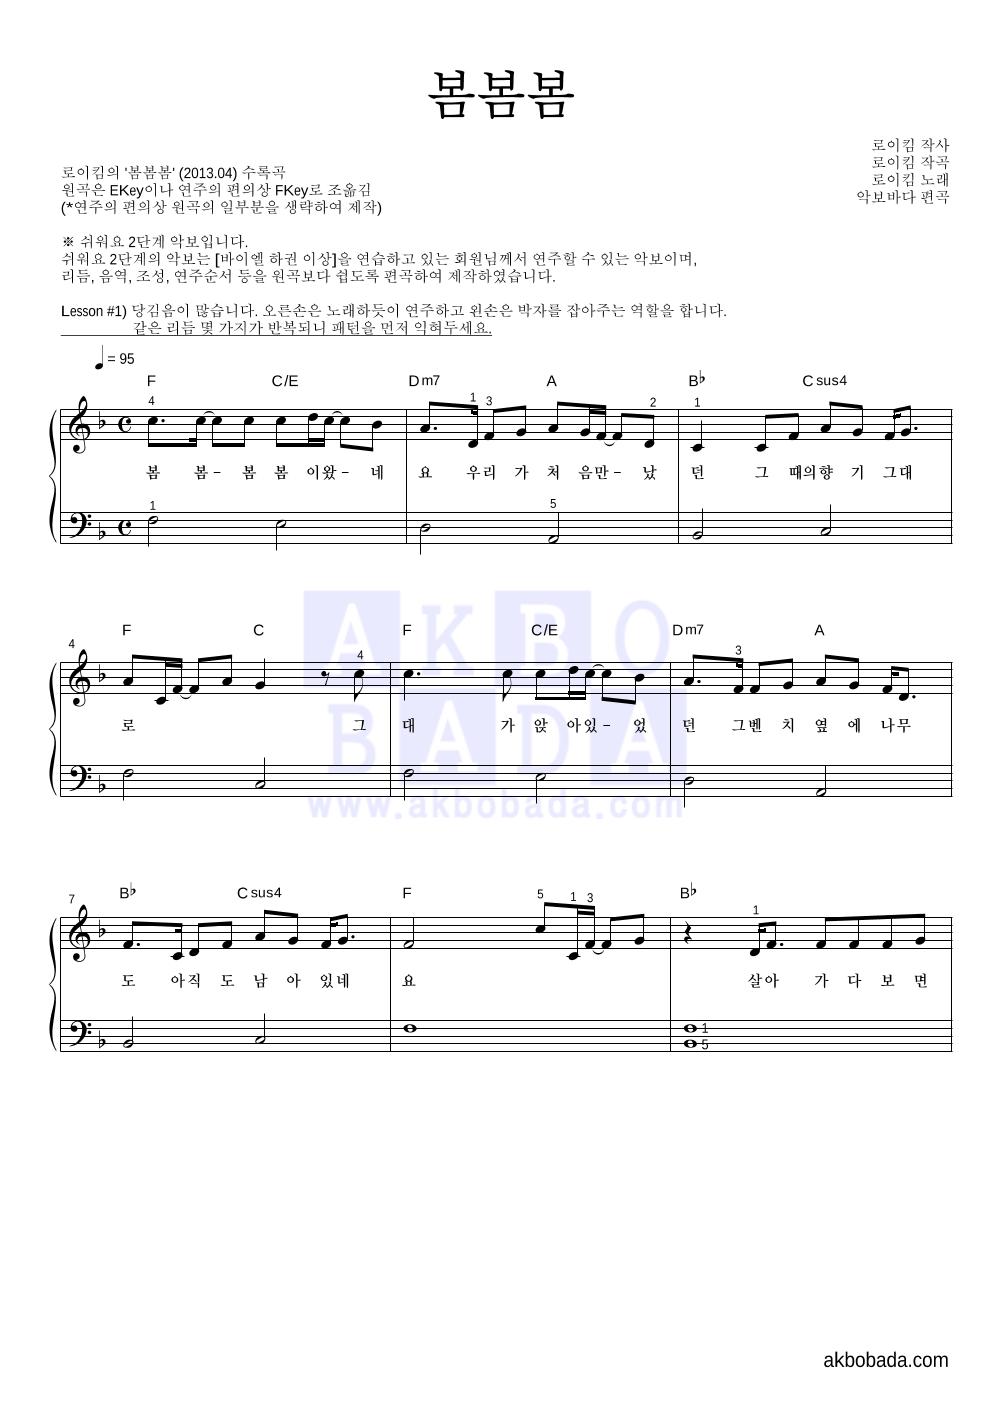 로이킴 - 봄봄봄 피아노2단-쉬워요 악보